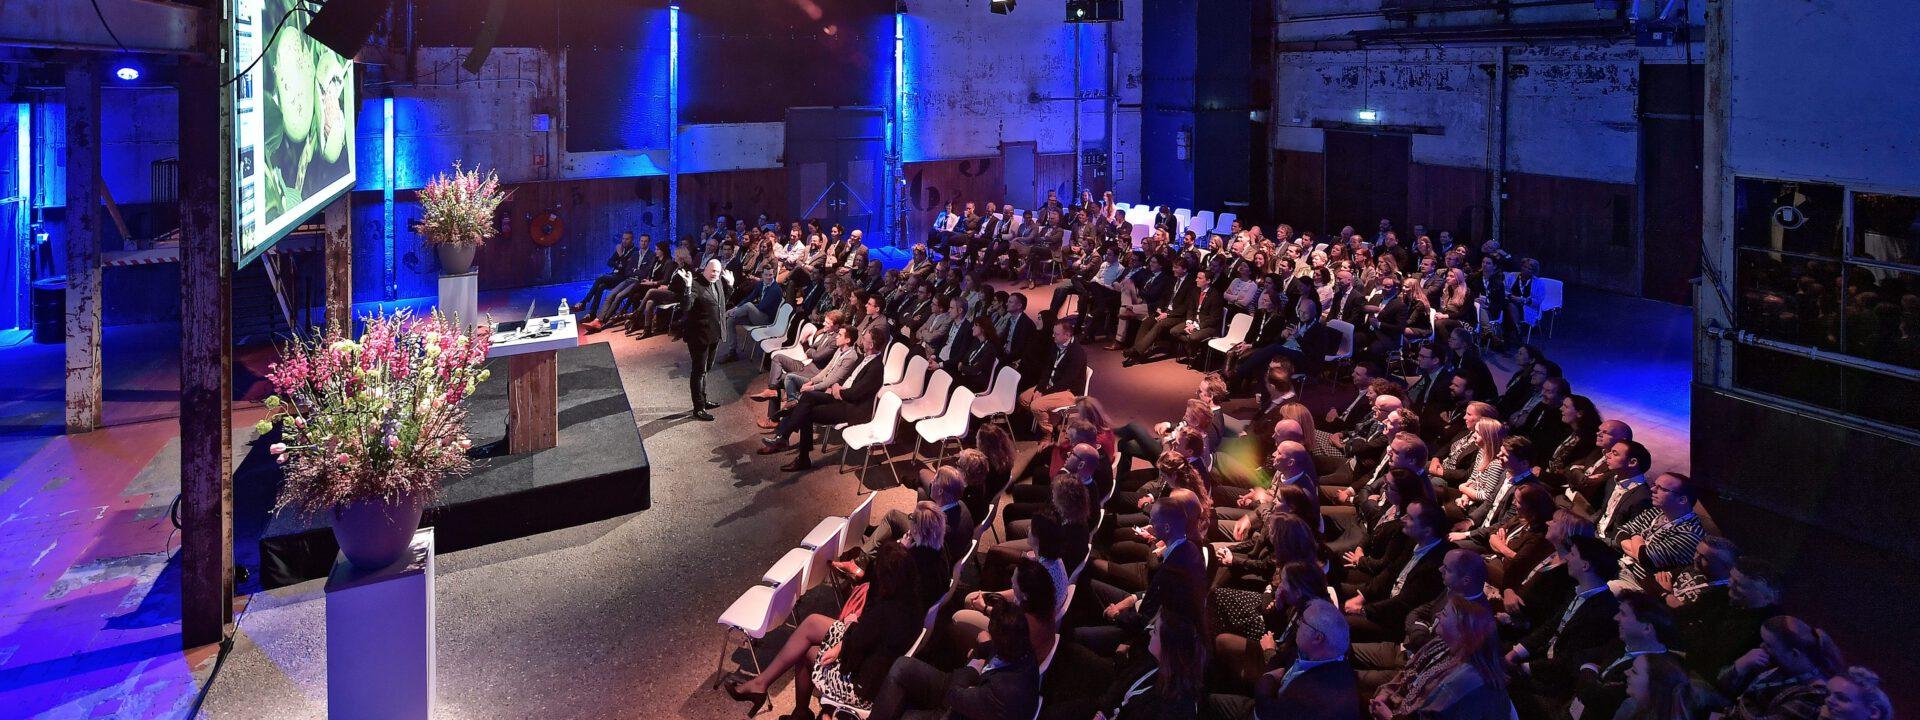 Ruud Veltenaar schetst inspirerende toekomst tijdens event EW Facility Services